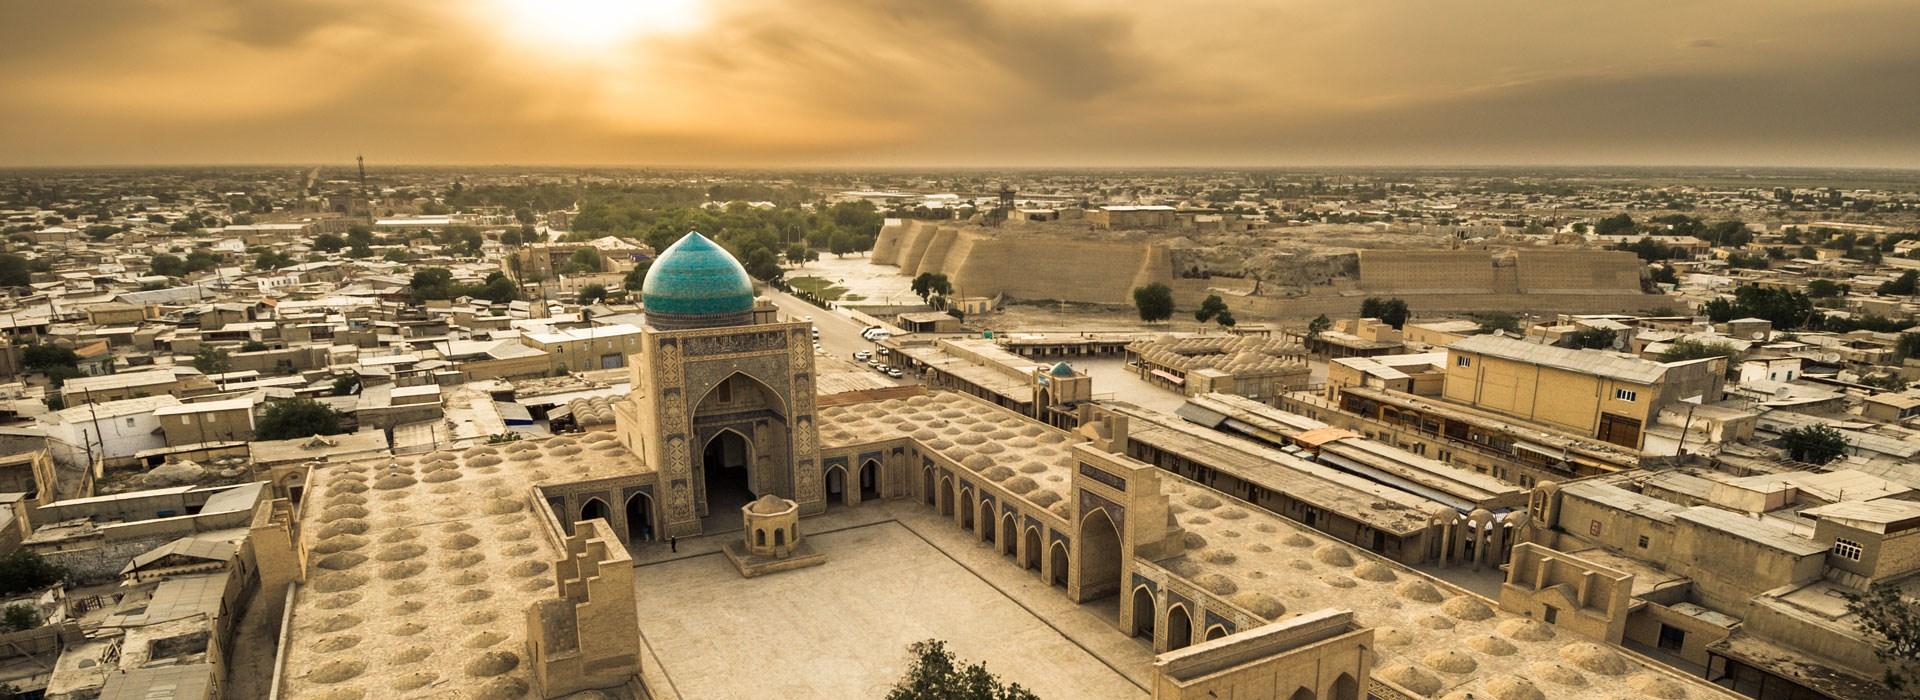 Ouzbek datant aux Etats-Unis